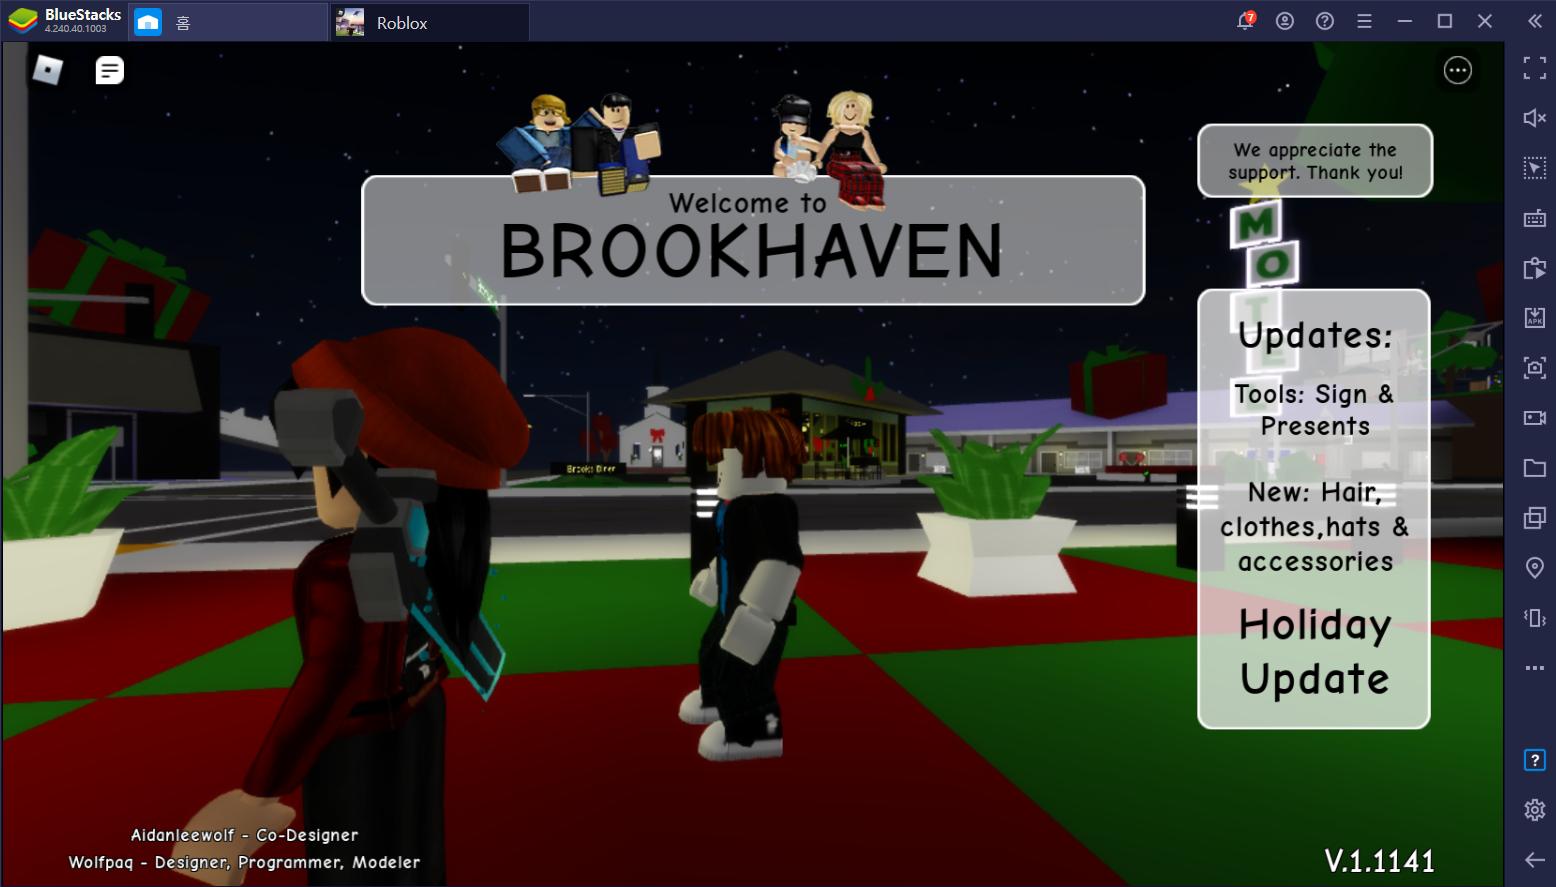 전세계가 사랑하는 오픈월드 게임, 로블록스의 인기 모드 Brookhaven RP를 PC에서 만나보세요!